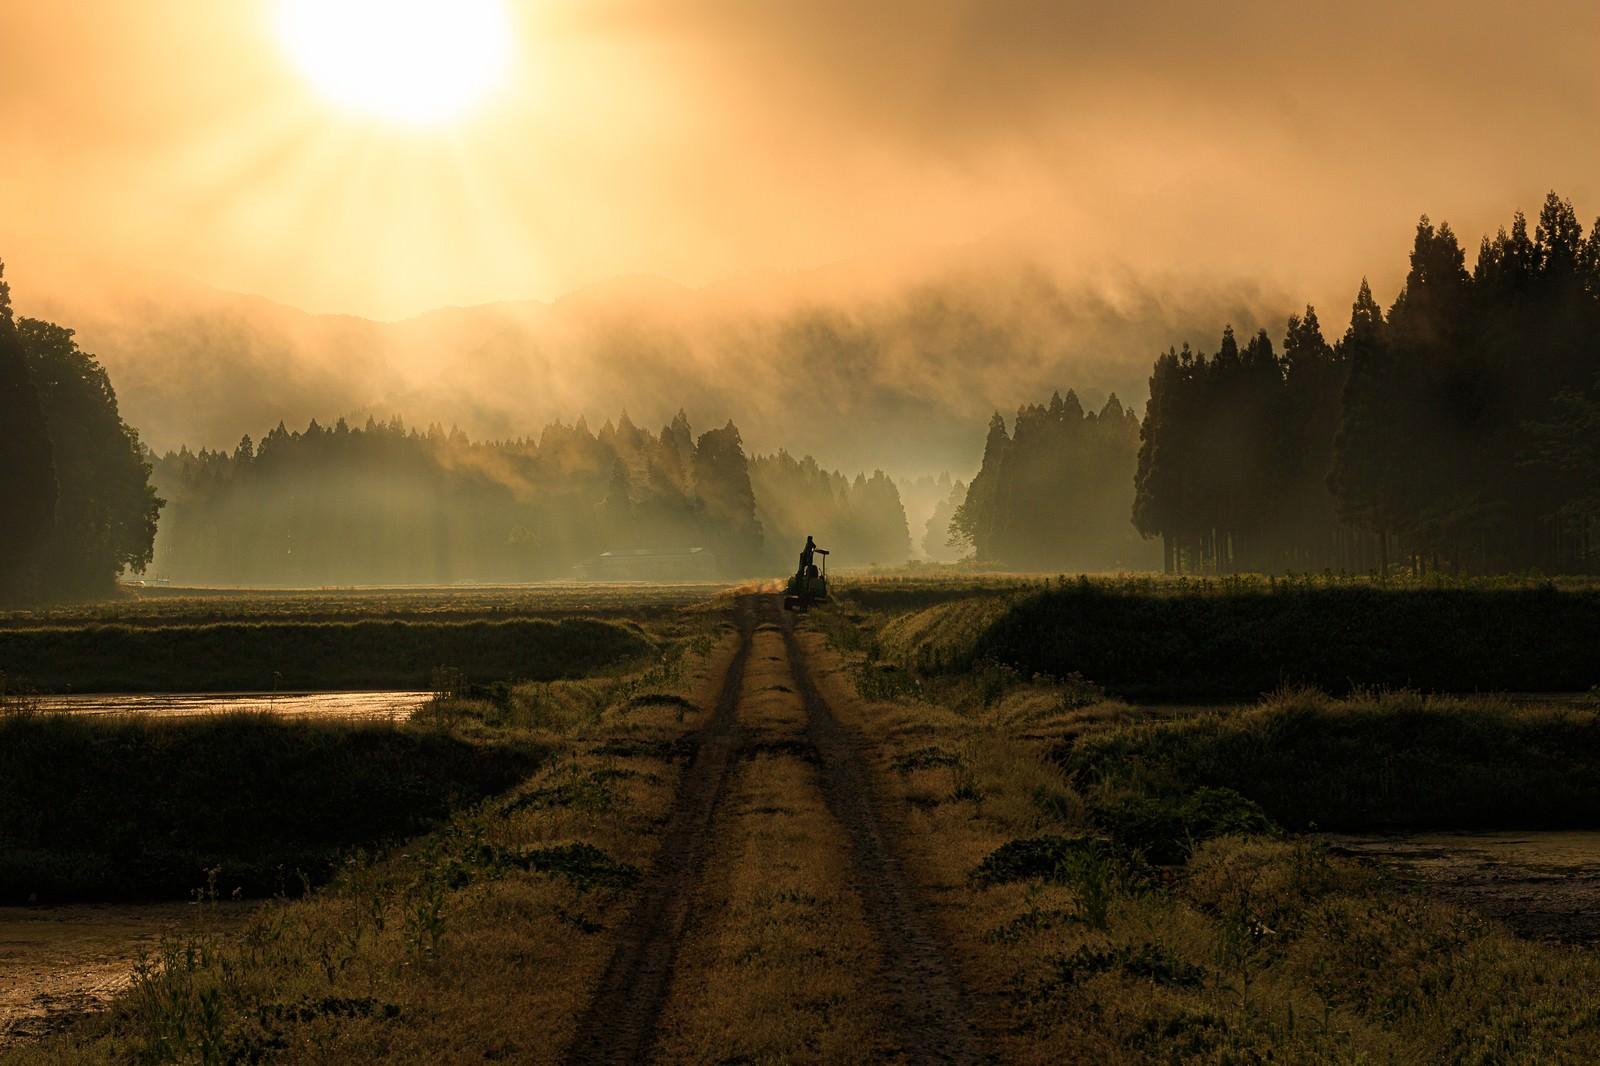 「朝靄のあぜ道」の写真